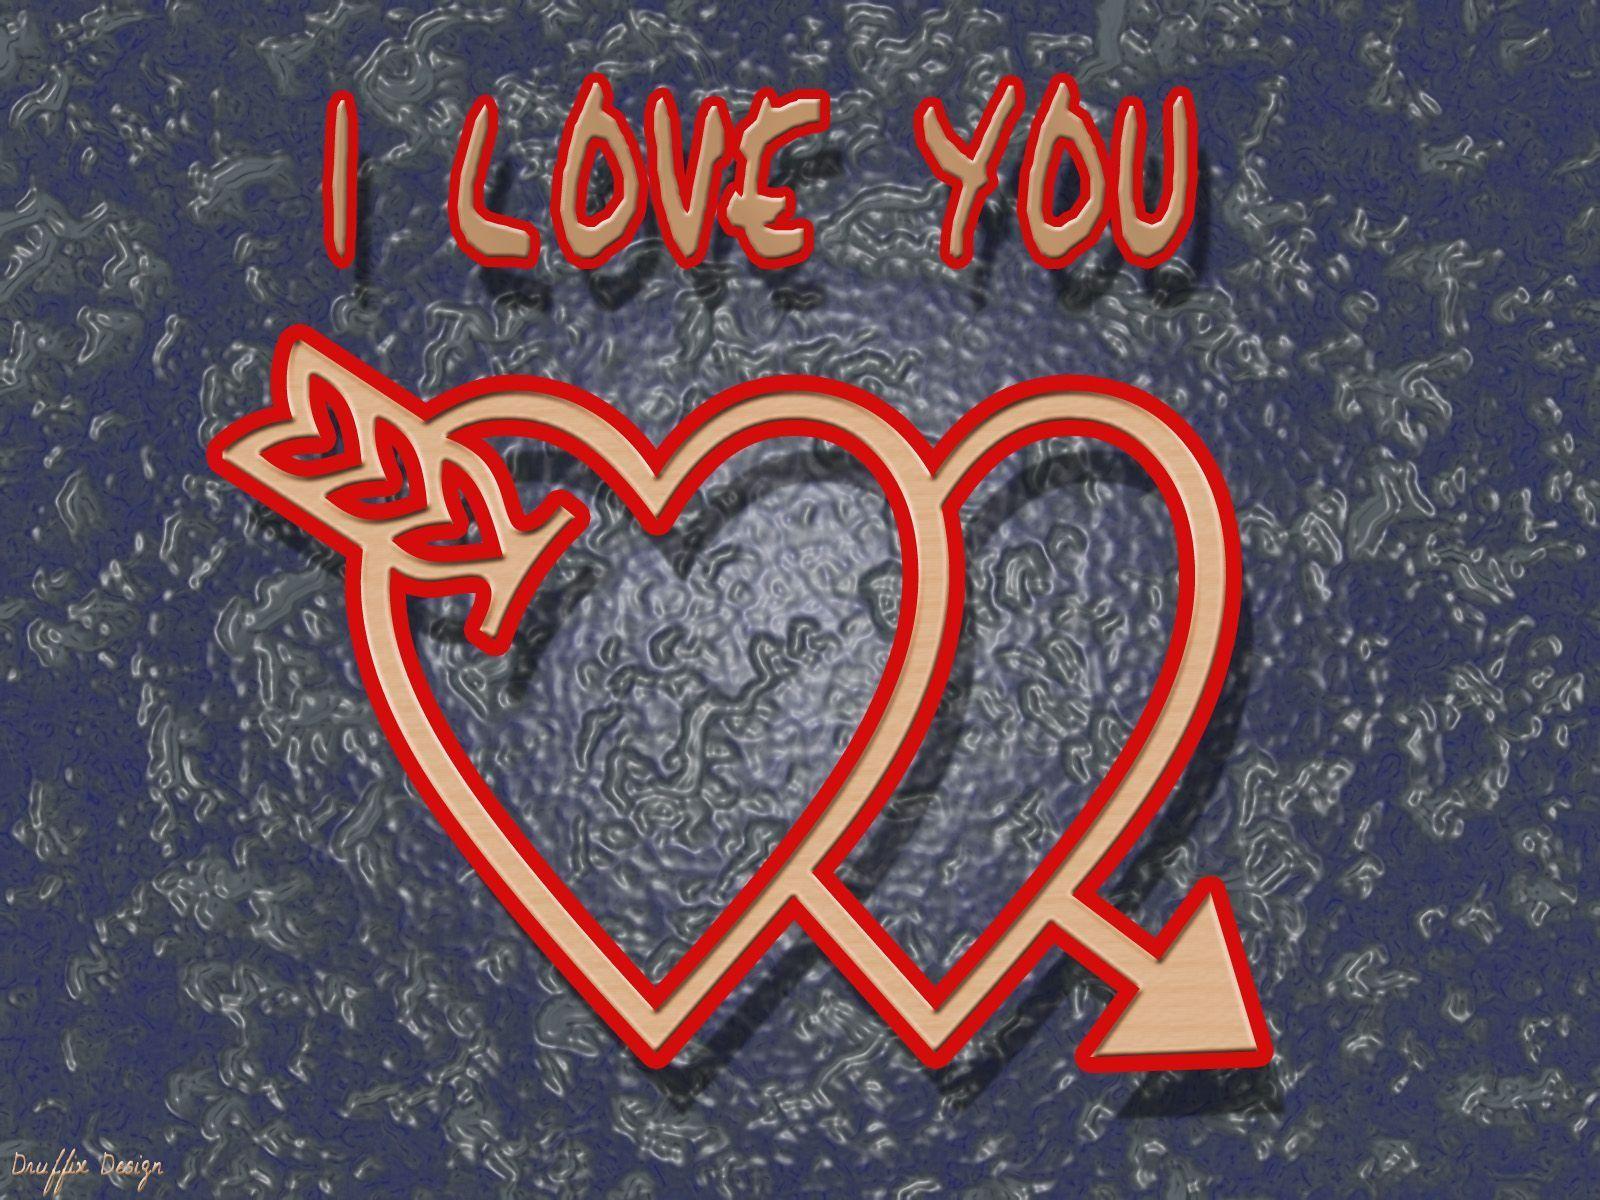 بالصور صور كلمة بحبك , خلفيه رومانسيه و حب 6143 8